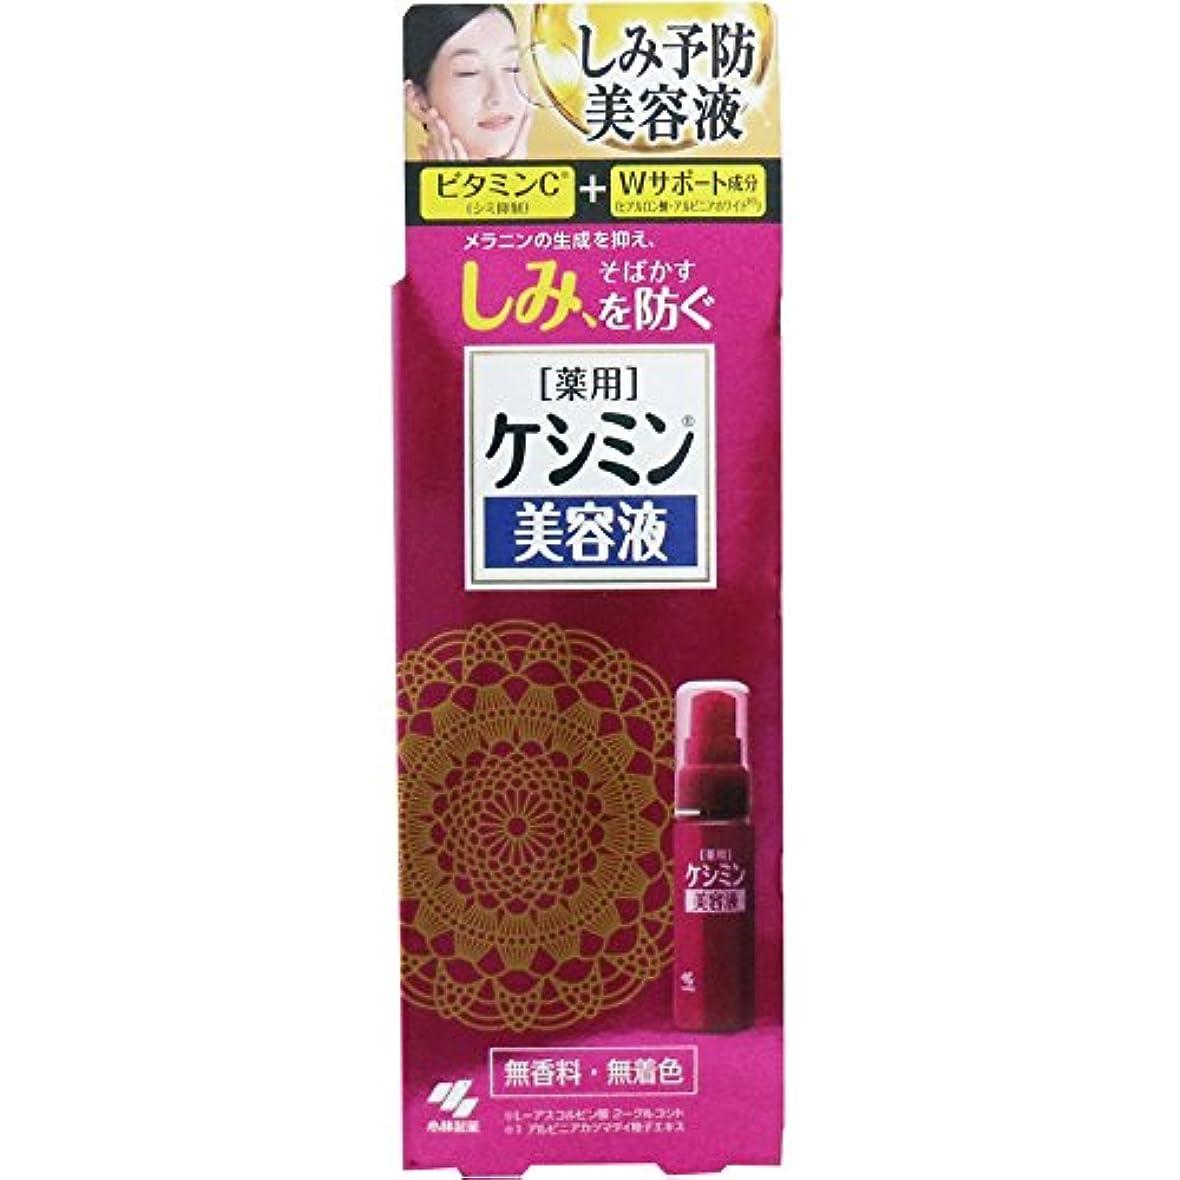 安定スリップ前進ケシミン美容液 シミを防ぐ 30ml×6個